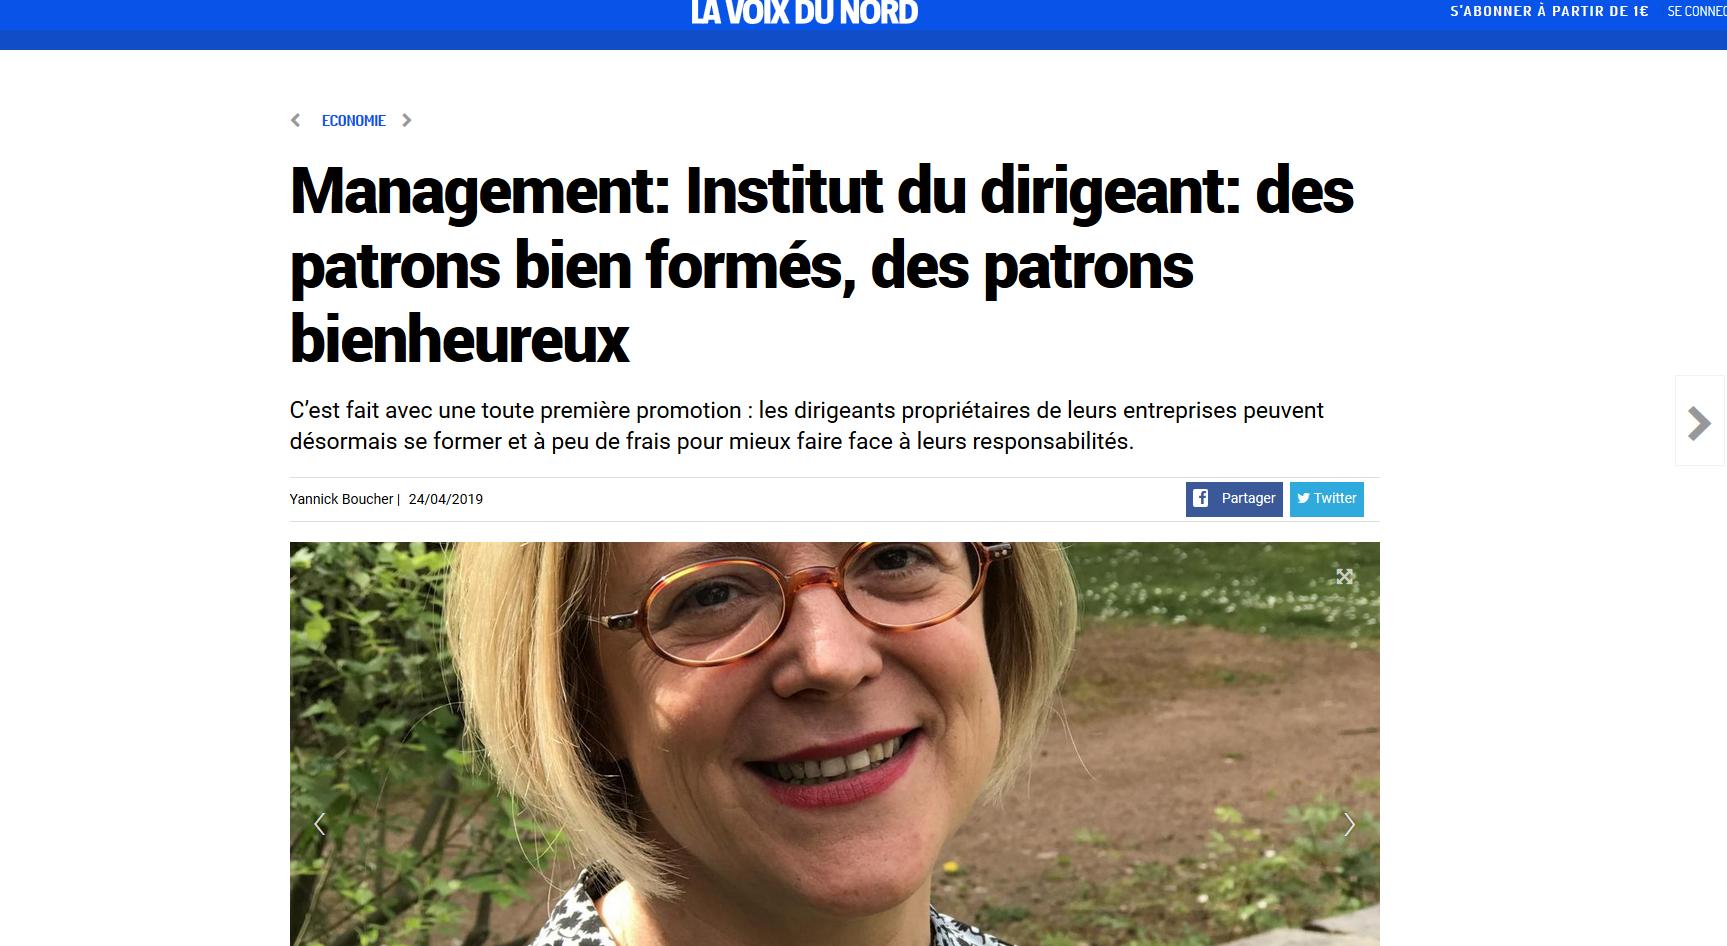 La Voix du Nord – «Management Institut du dirigeant: des patrons bien formés, des patrons bienheureux»